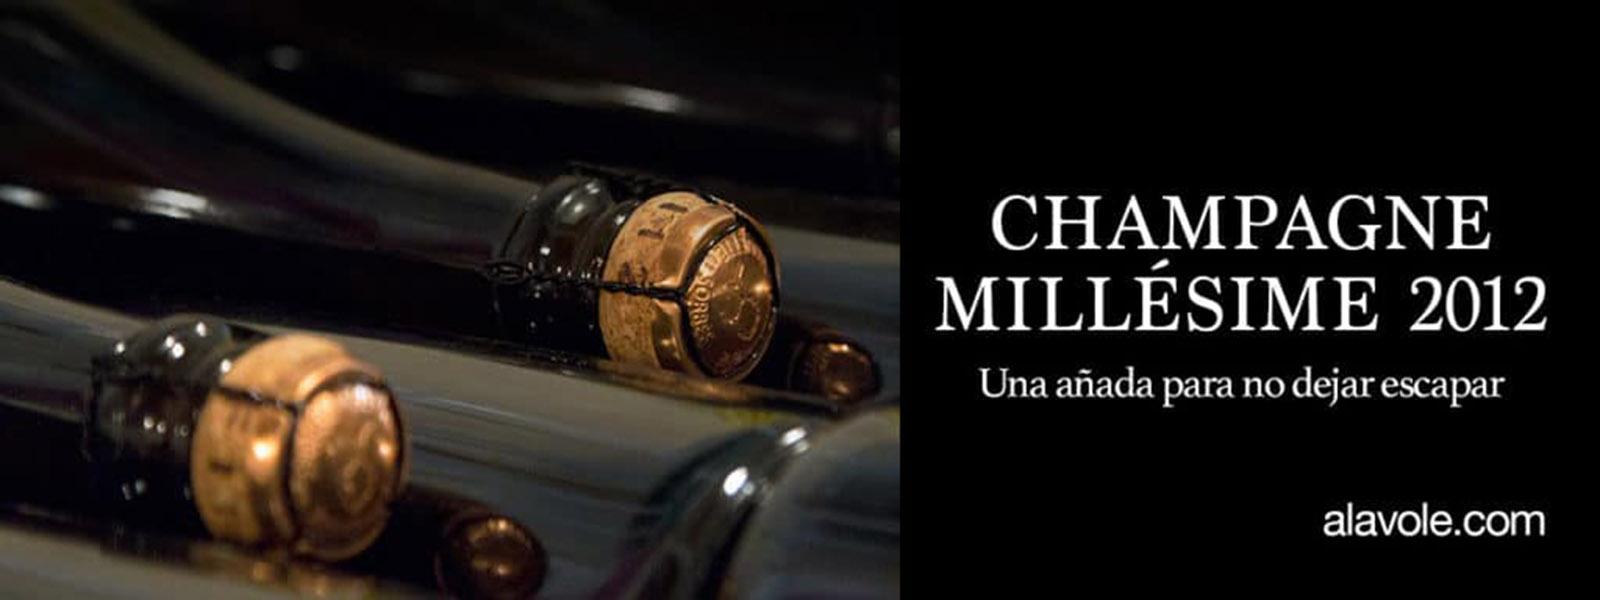 champagne-millesime-2012_v2-1